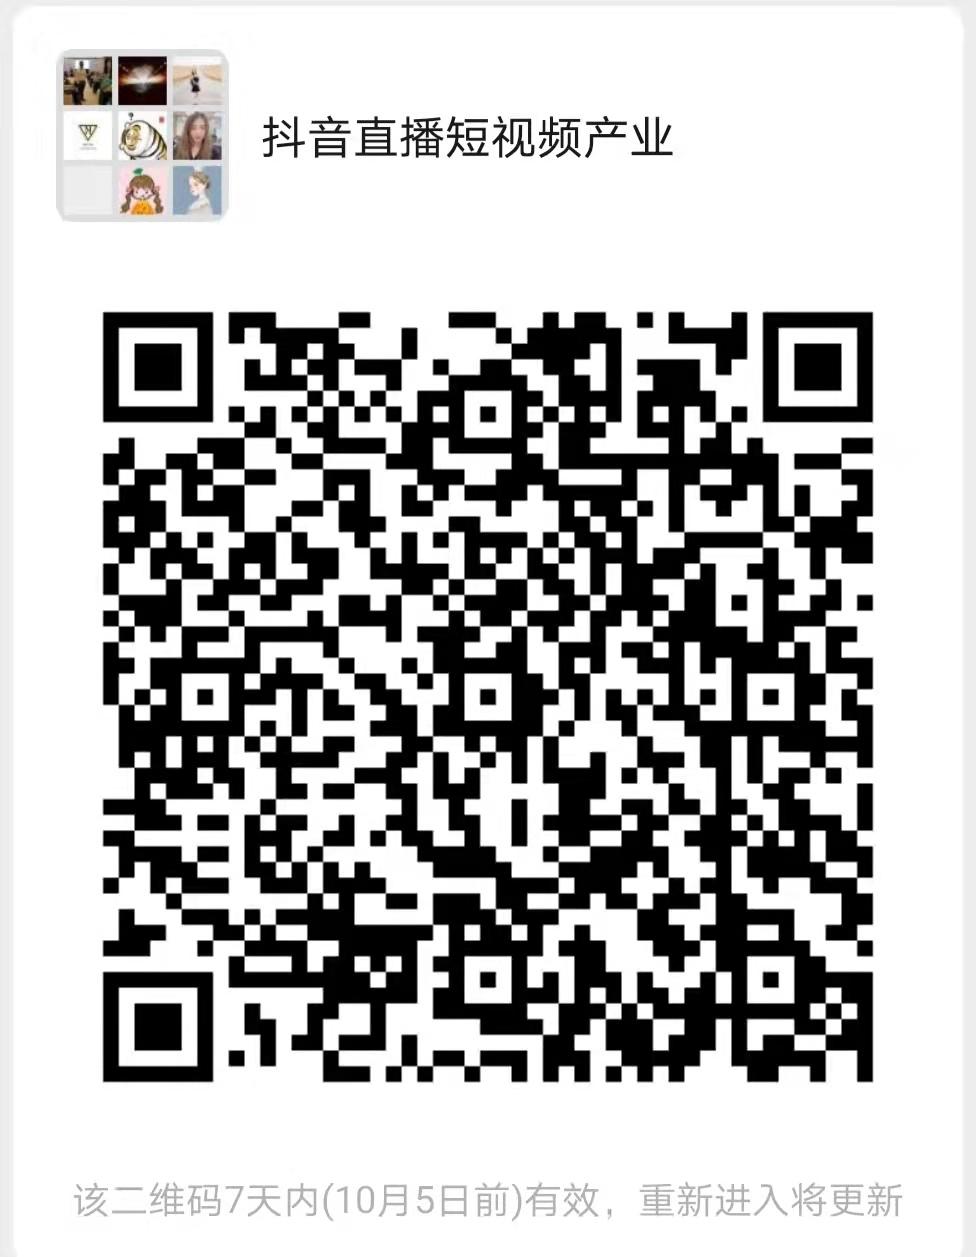 微信图片_20210928104837.jpg